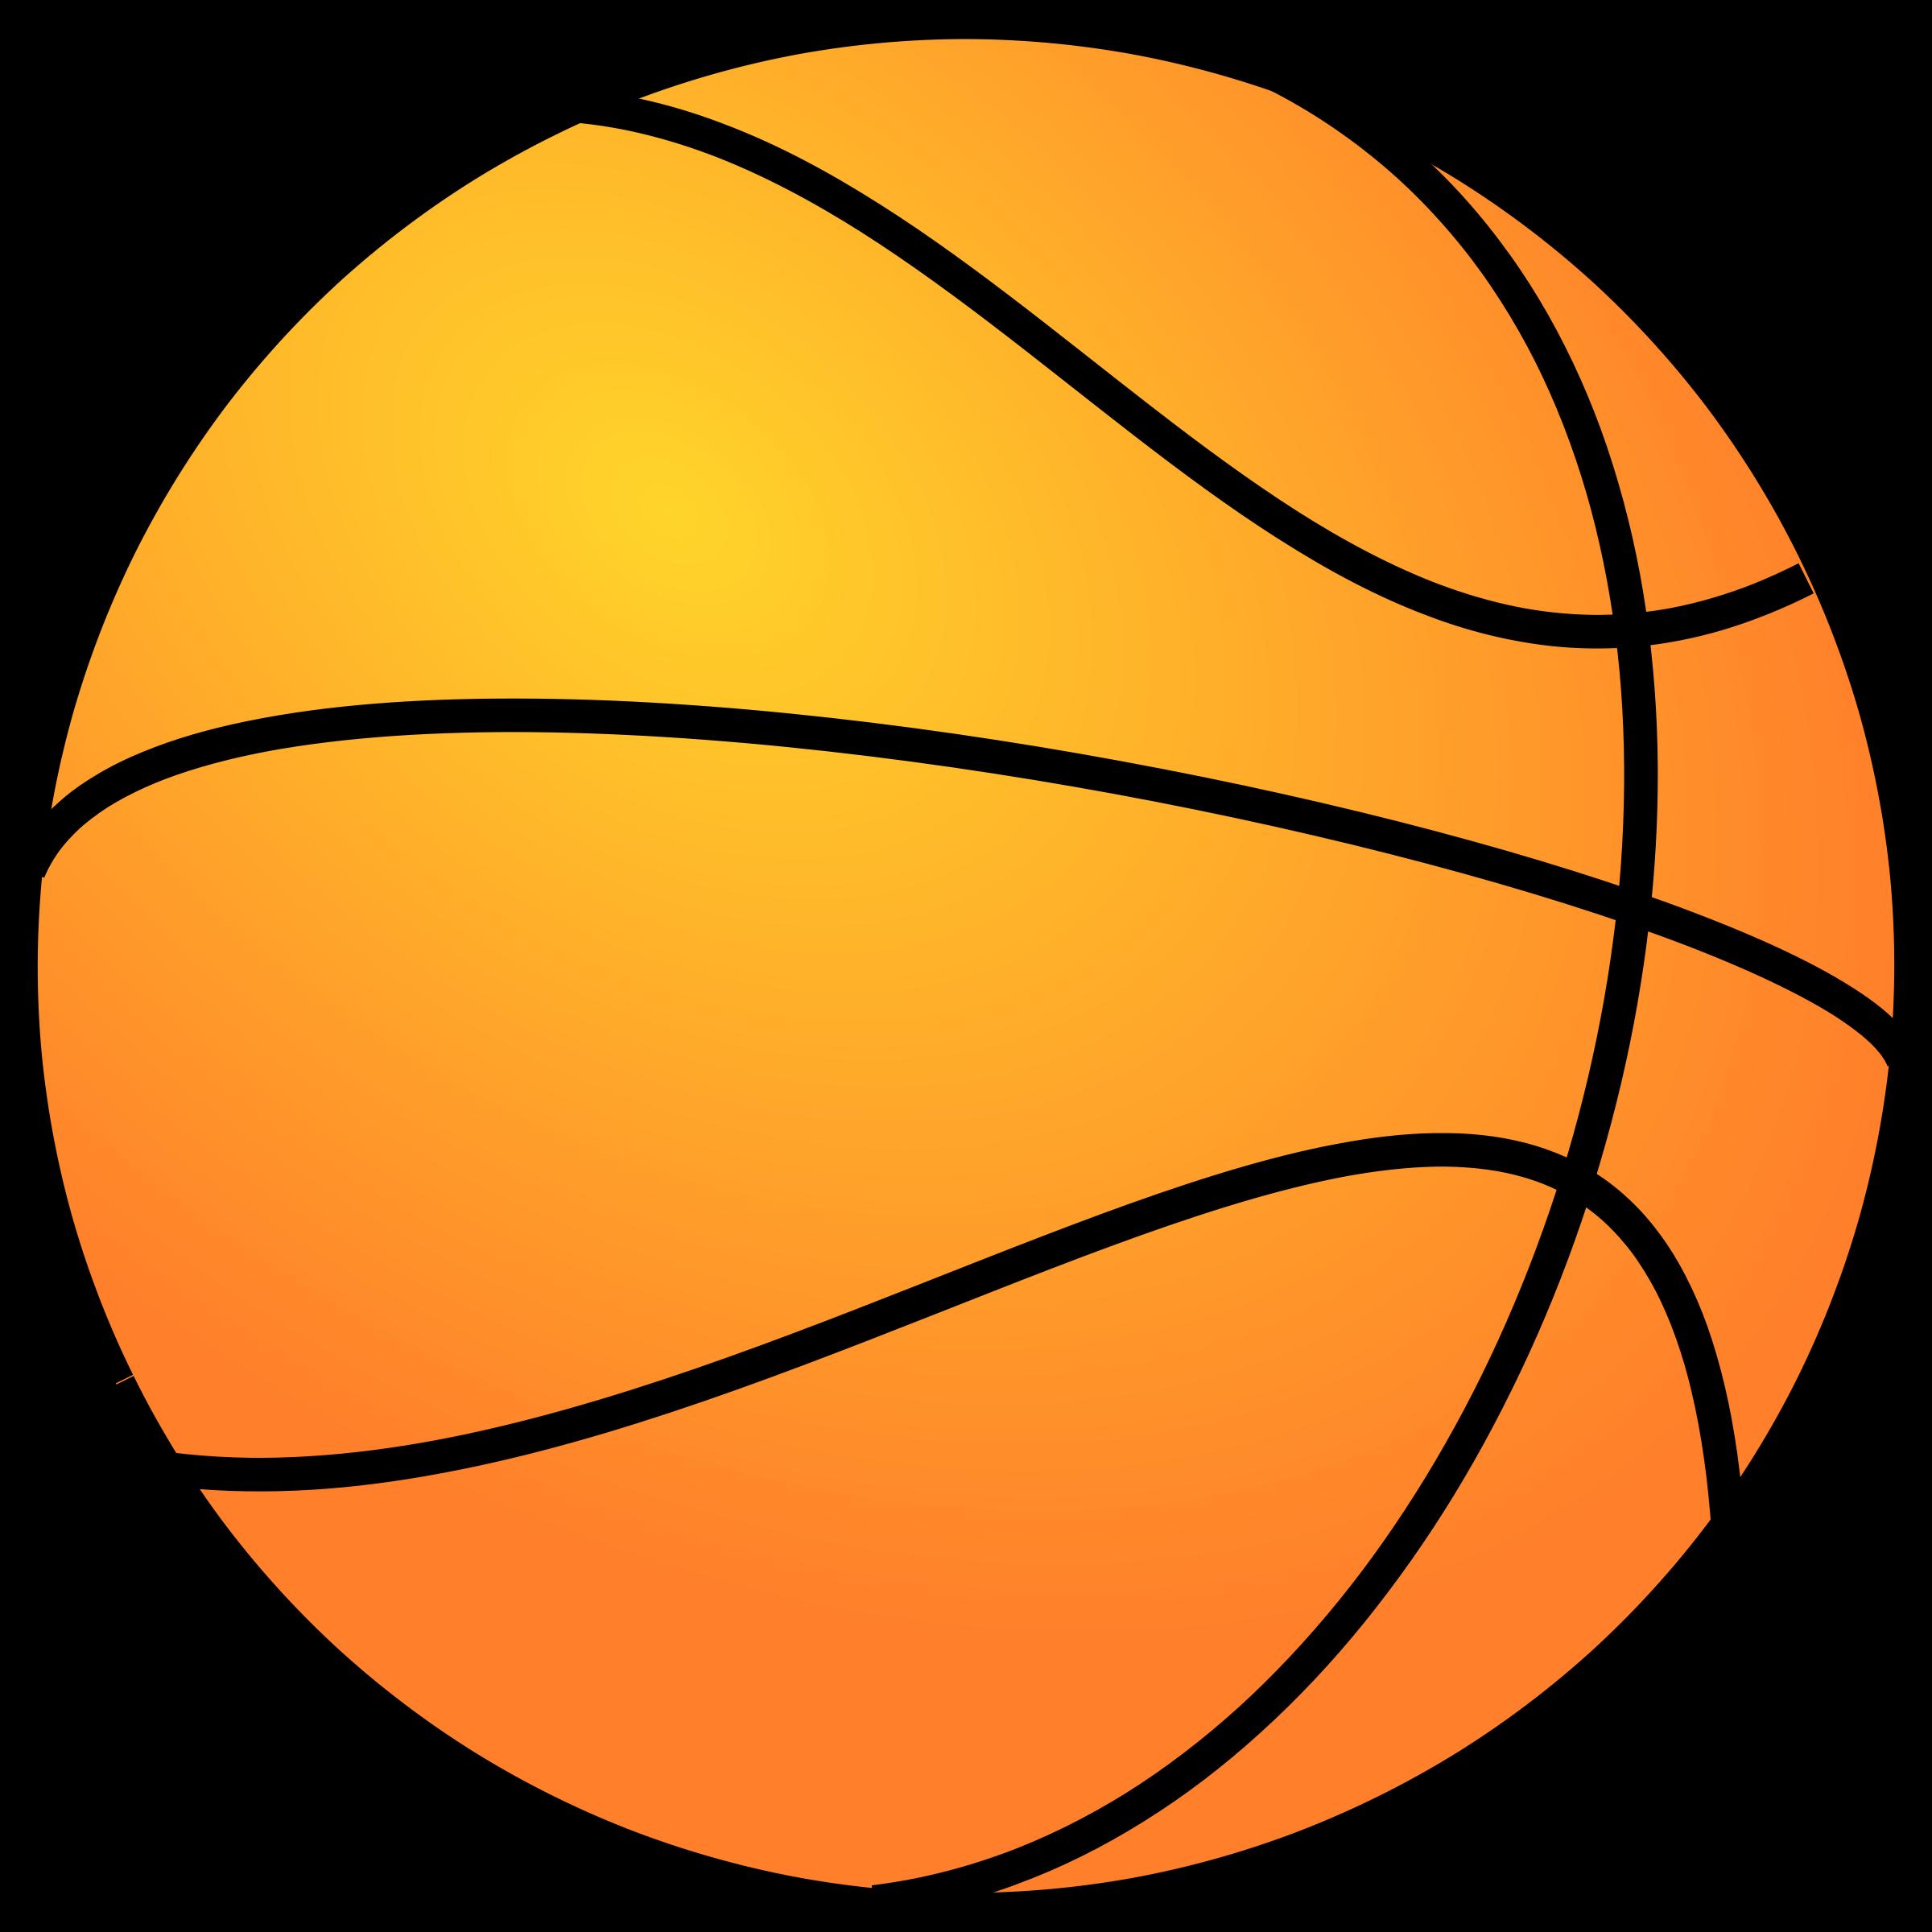 2 player basketball clipart image download Adult Basketball League | cartoooooooonnnnnn | Pinterest ... image download